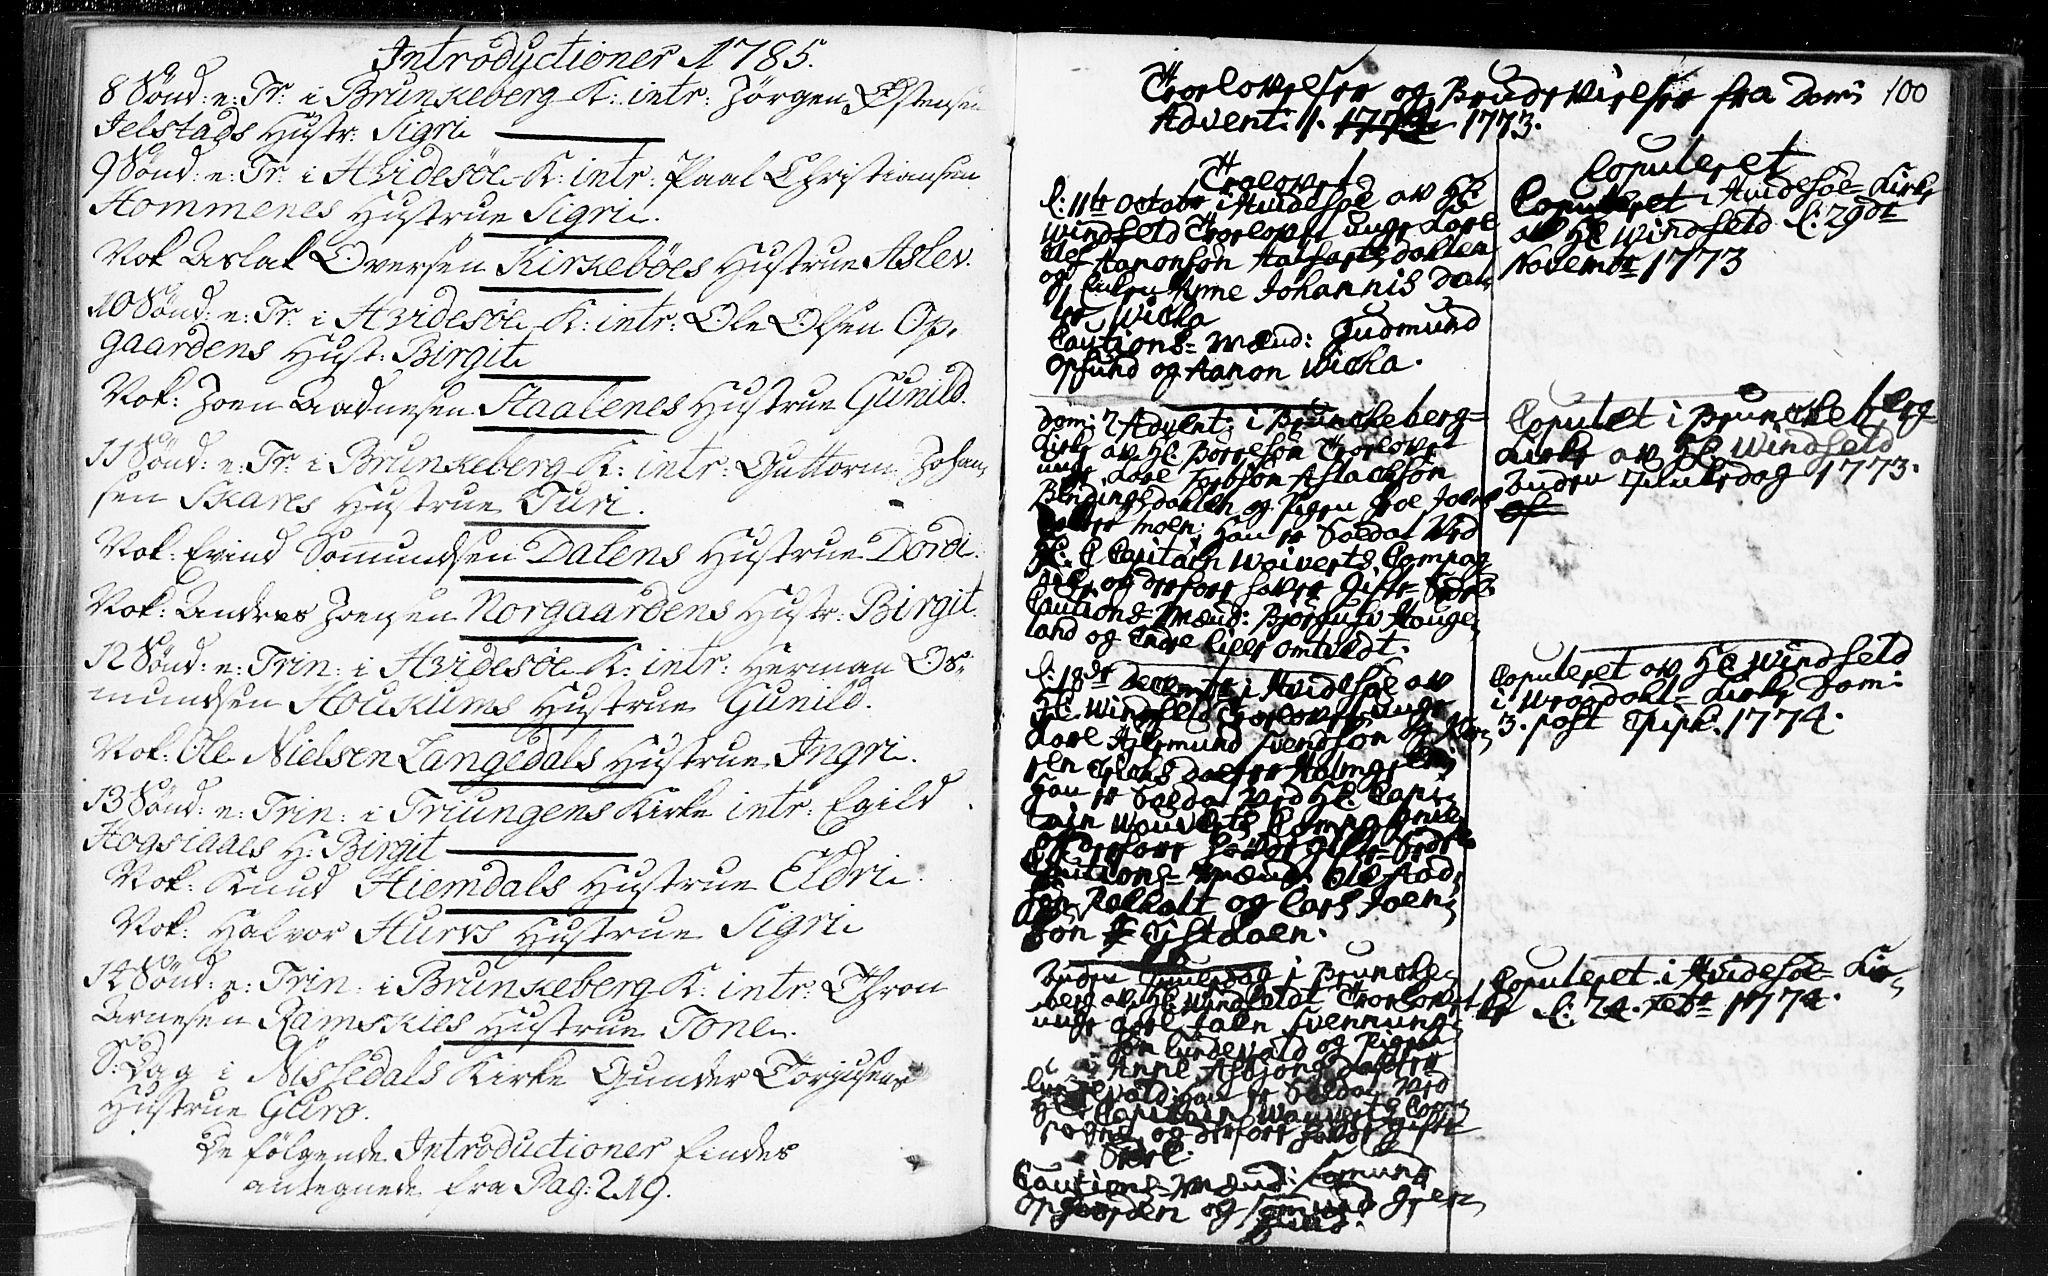 SAKO, Kviteseid kirkebøker, F/Fa/L0002: Ministerialbok nr. I 2, 1773-1786, s. 100